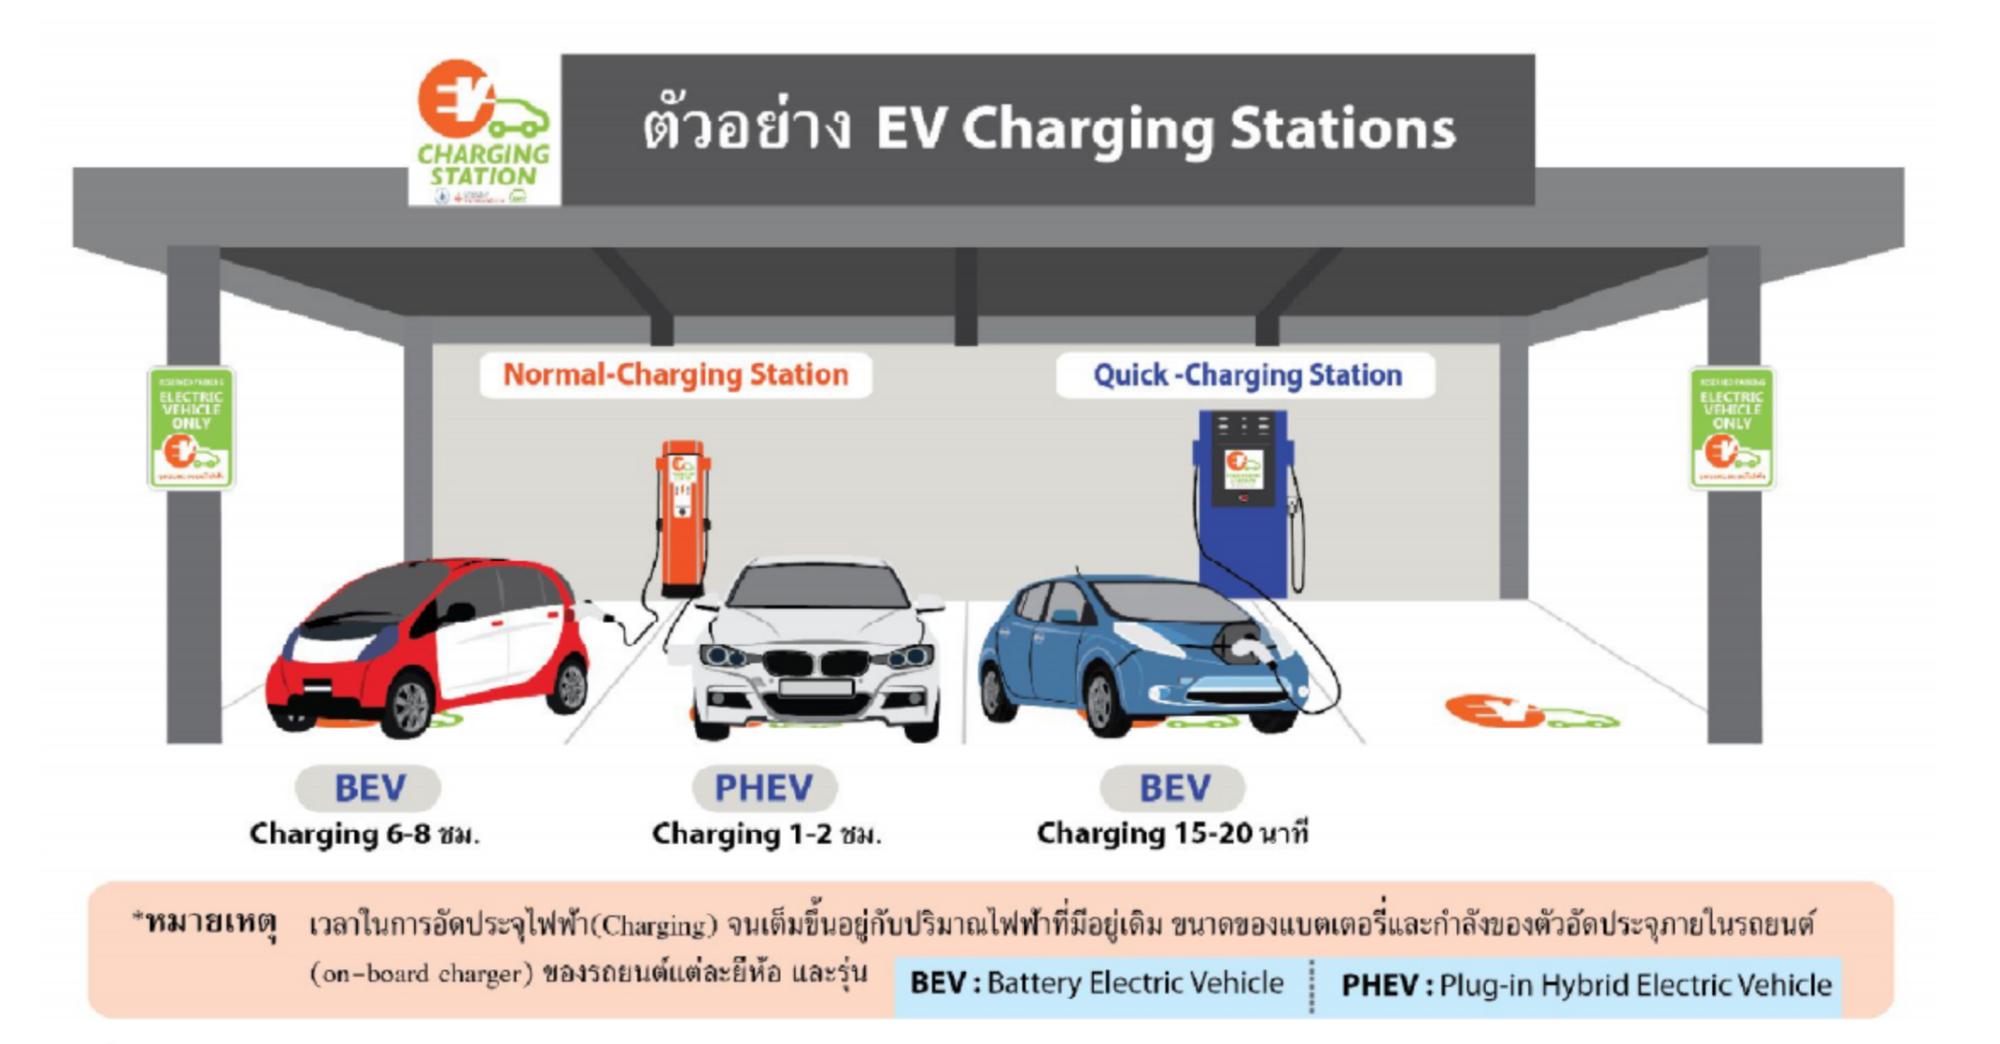 โครงการสนับสนุนการลงทุนติดตั้งสถานีอัดประจุไฟฟ้า (Charging Station) ครั้งที่ 6 (รอบสุดท้าย) เปิดรับข้อเสนอในวันที่ 8 – 31 ตุลาคม 2561